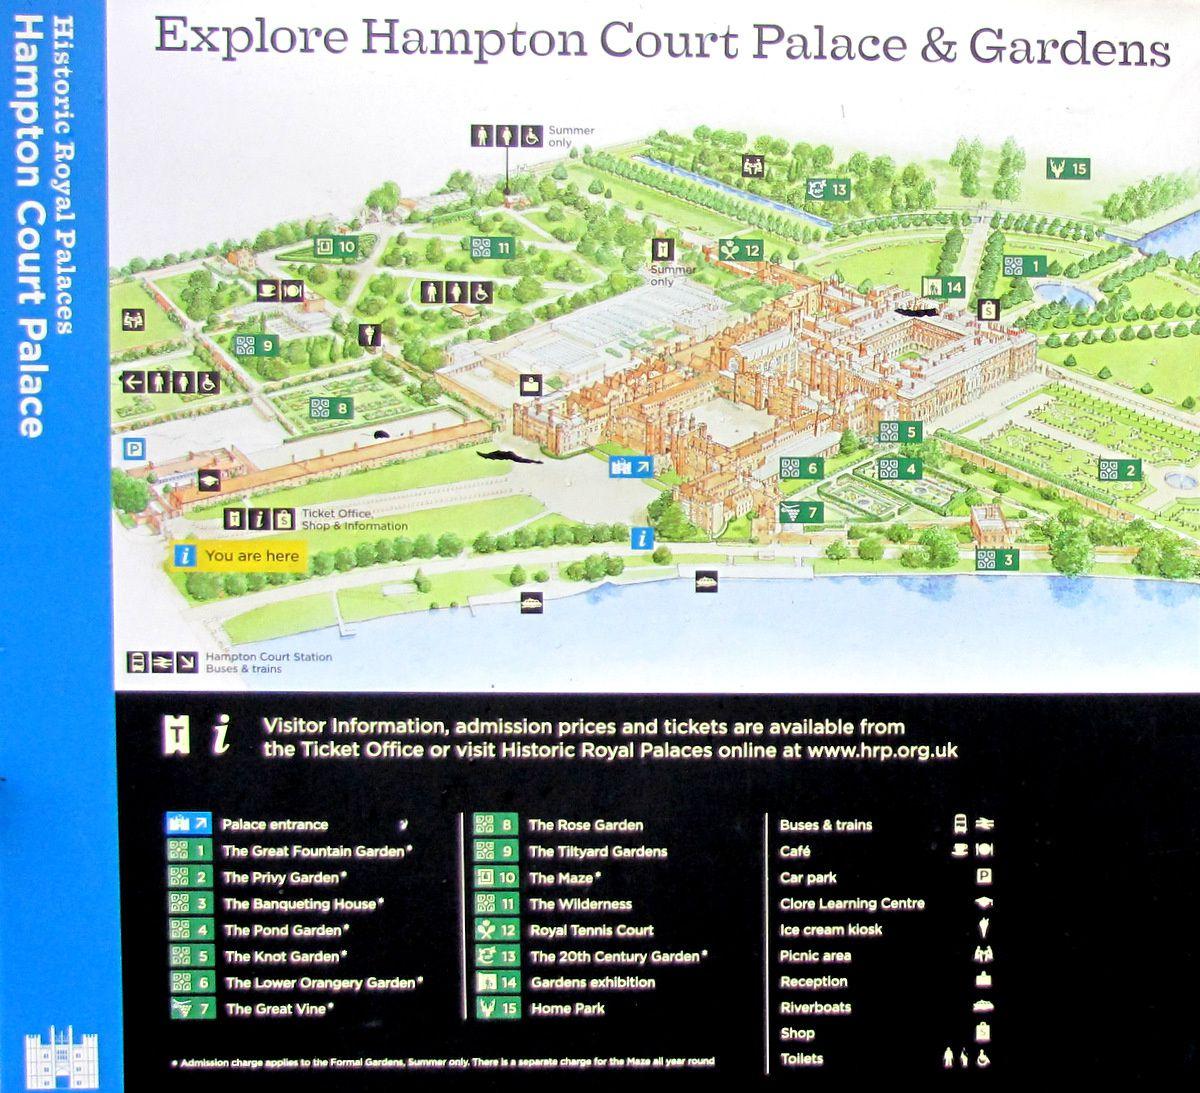 Le grand parc, Hampton Court Palace